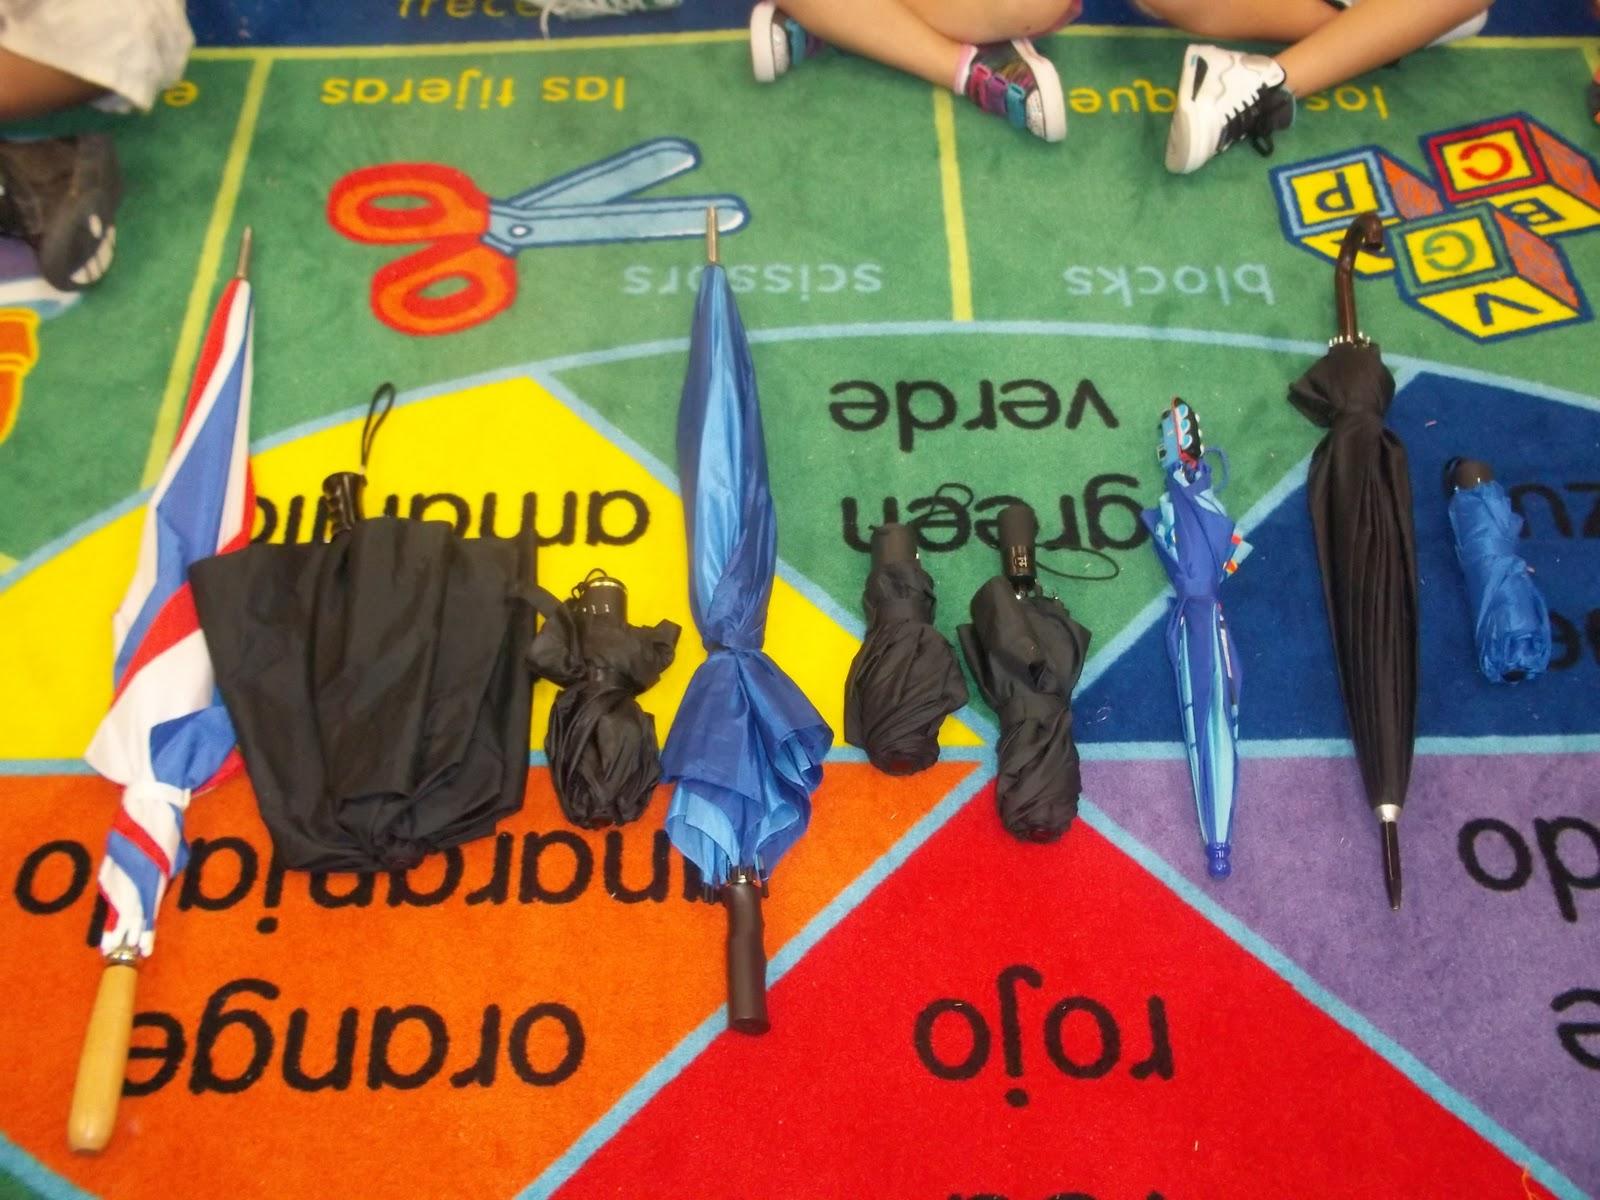 Kinder Garden: Mrs. Wood's Kindergarten Class: Umbrella Math